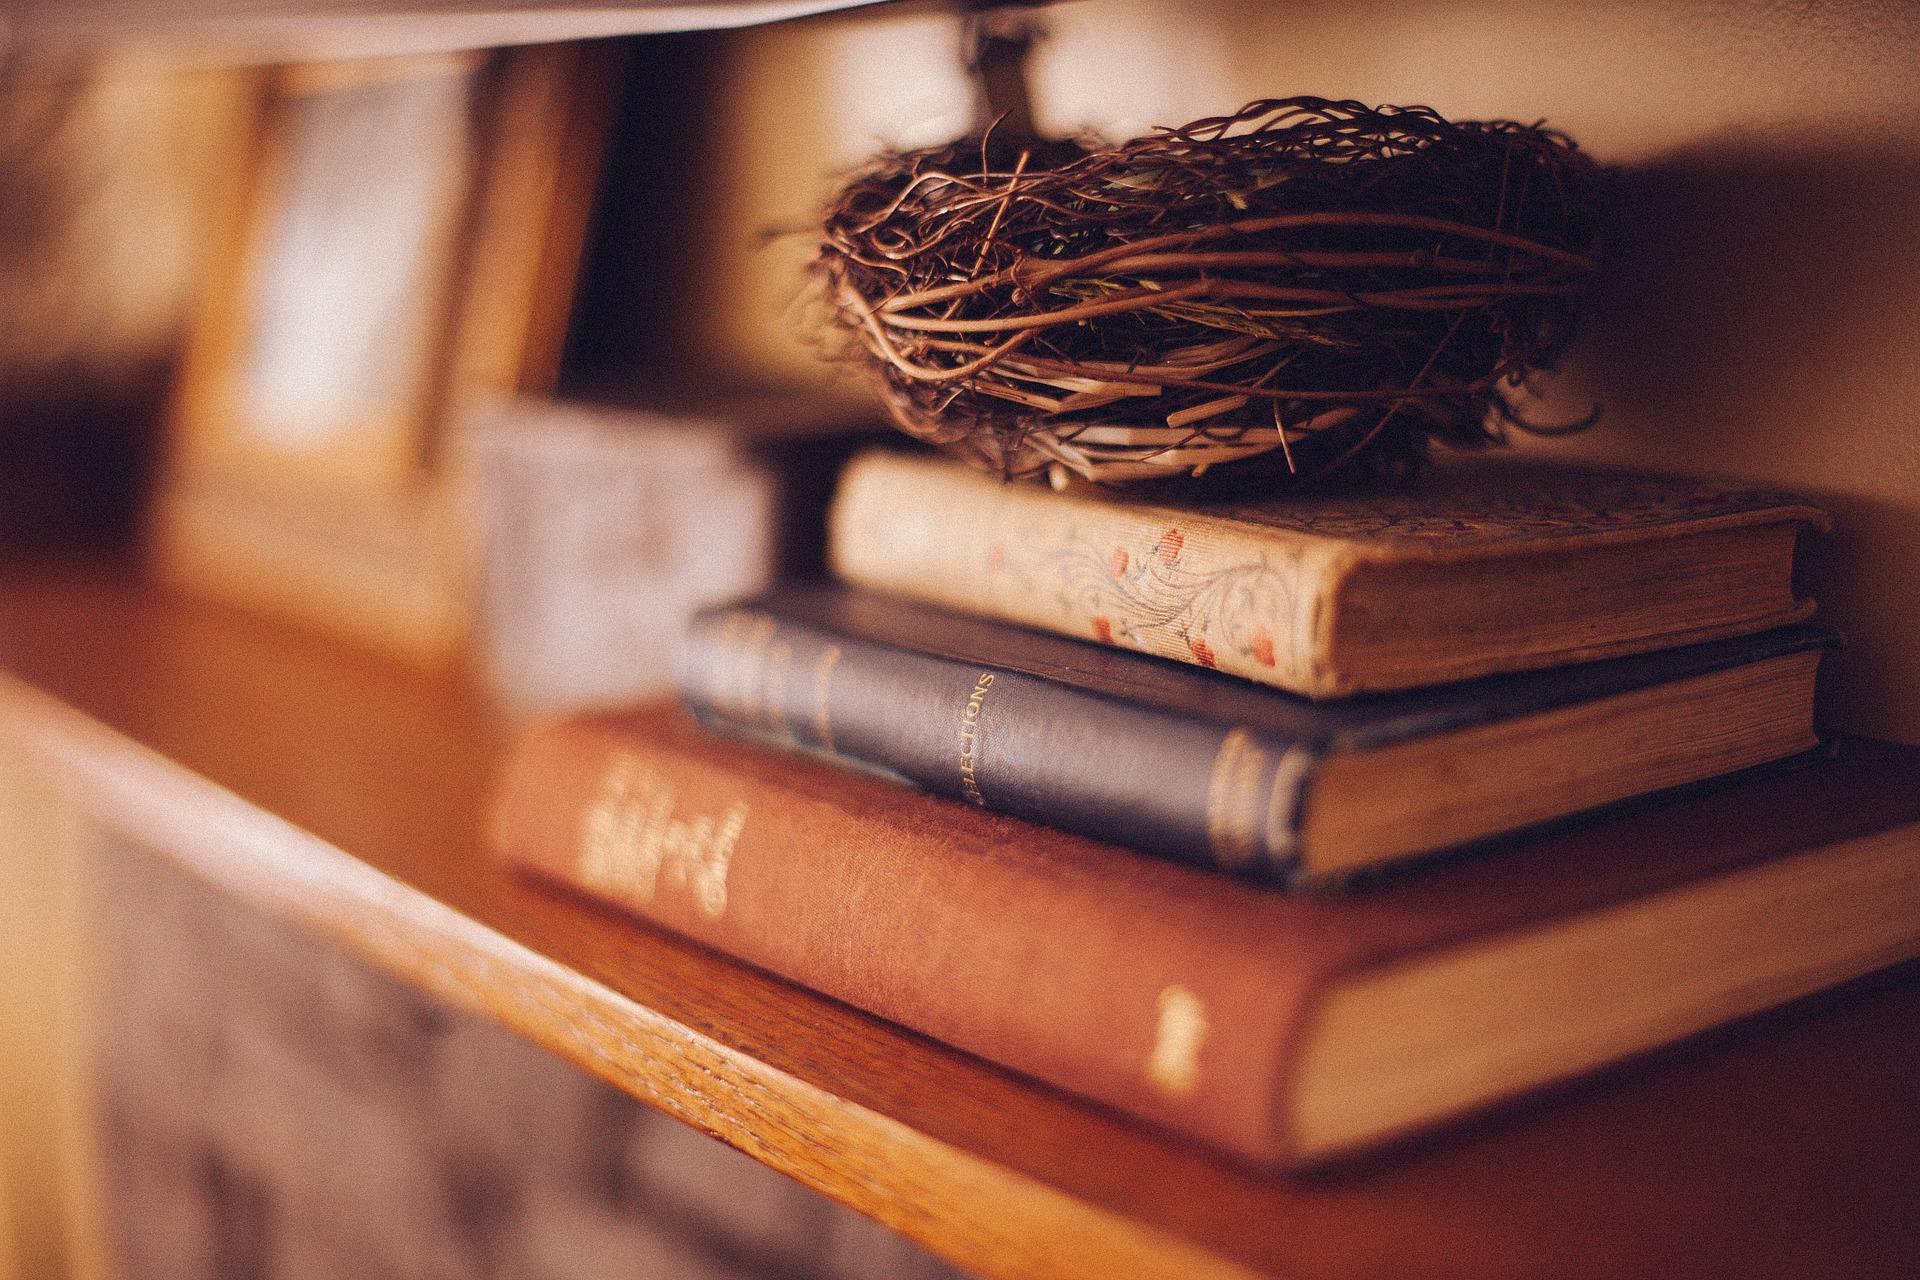 nest on a shelf